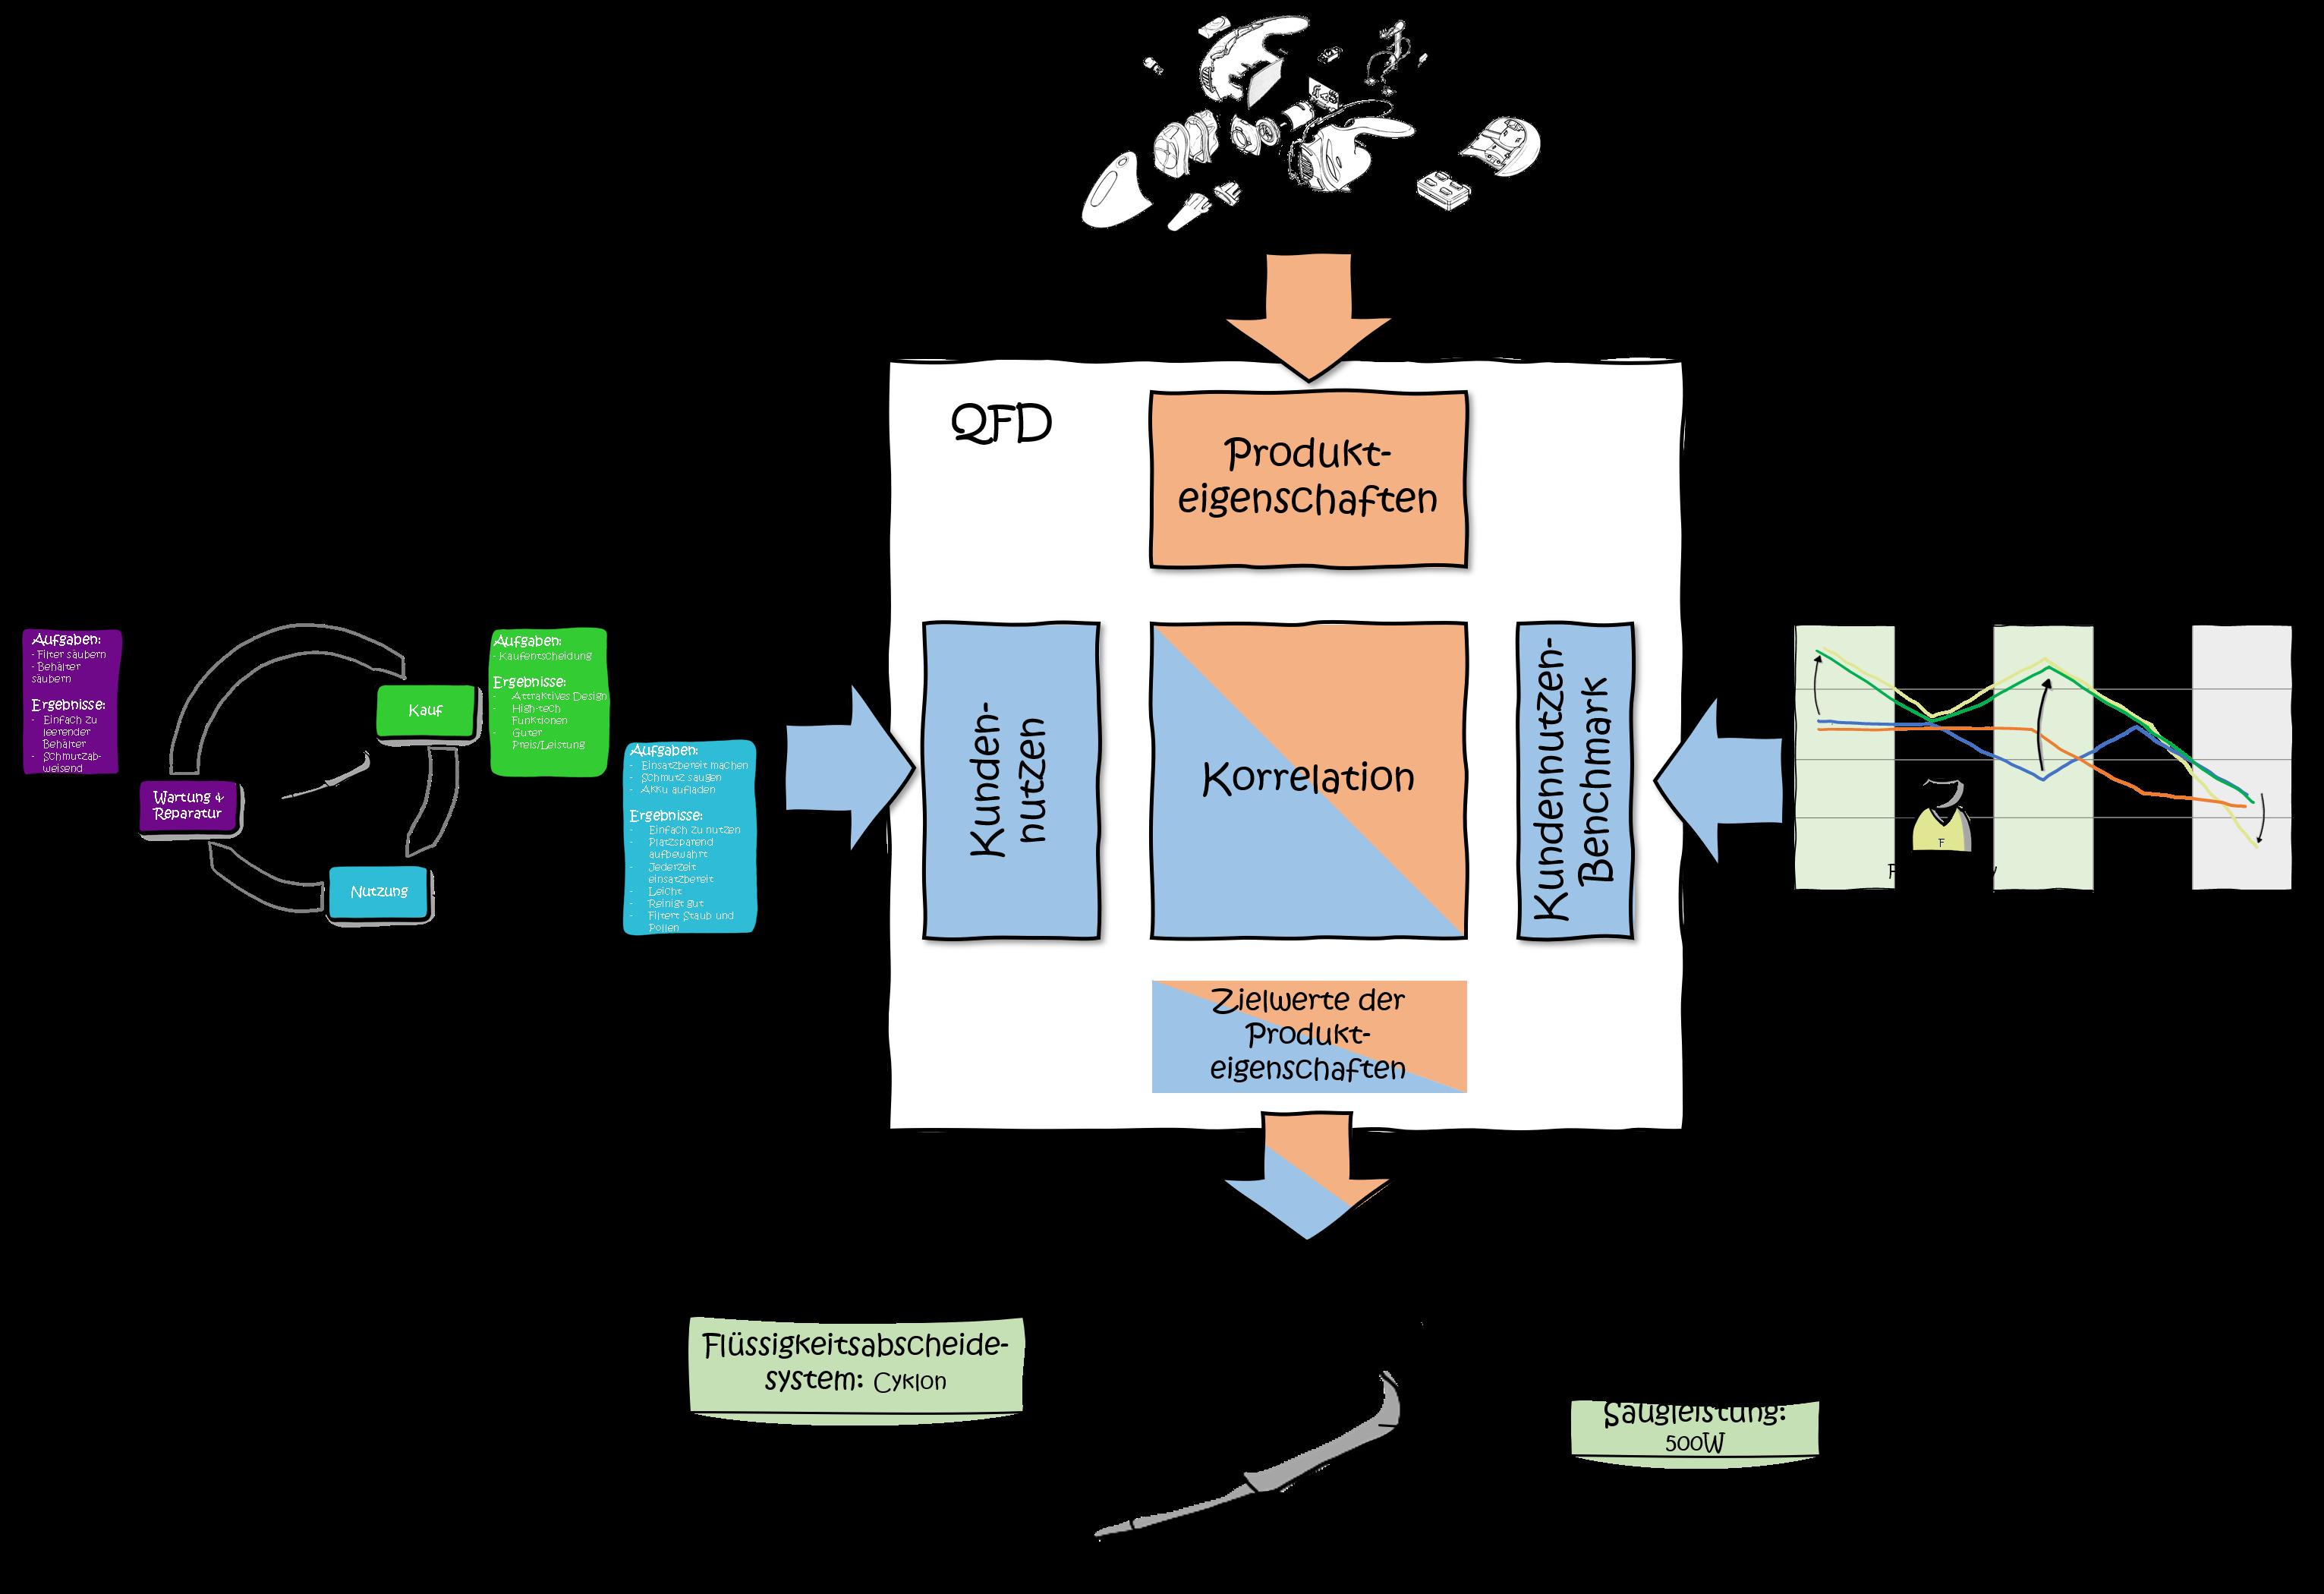 modularisierung-qfd-Kundennutzen